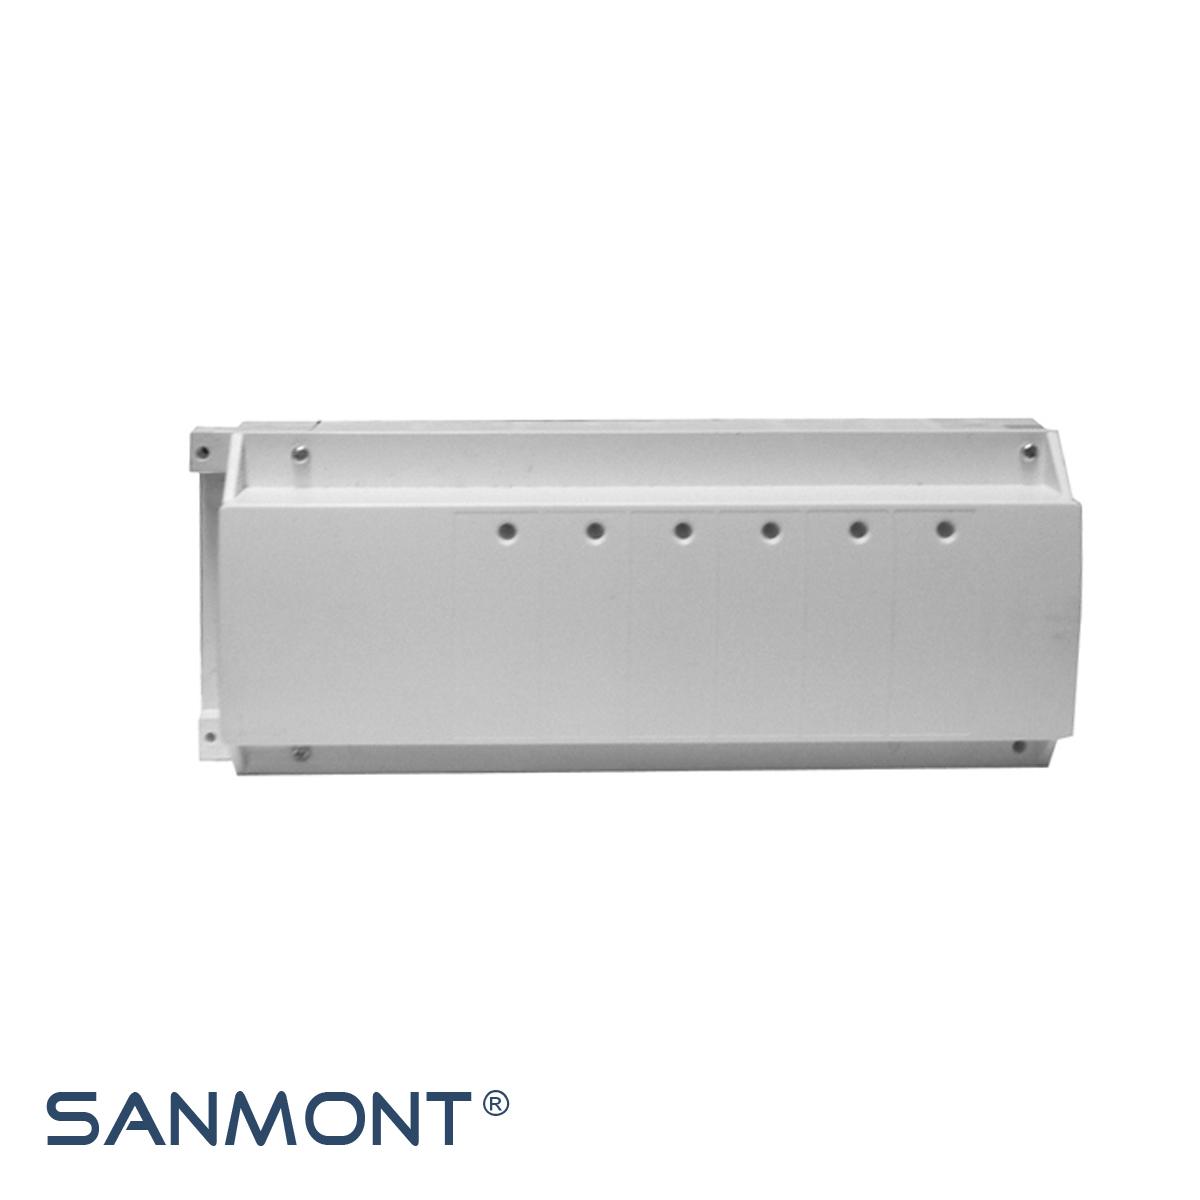 Regelverteiler Funkline 230 V - Sanmont Shop - Heizkörper